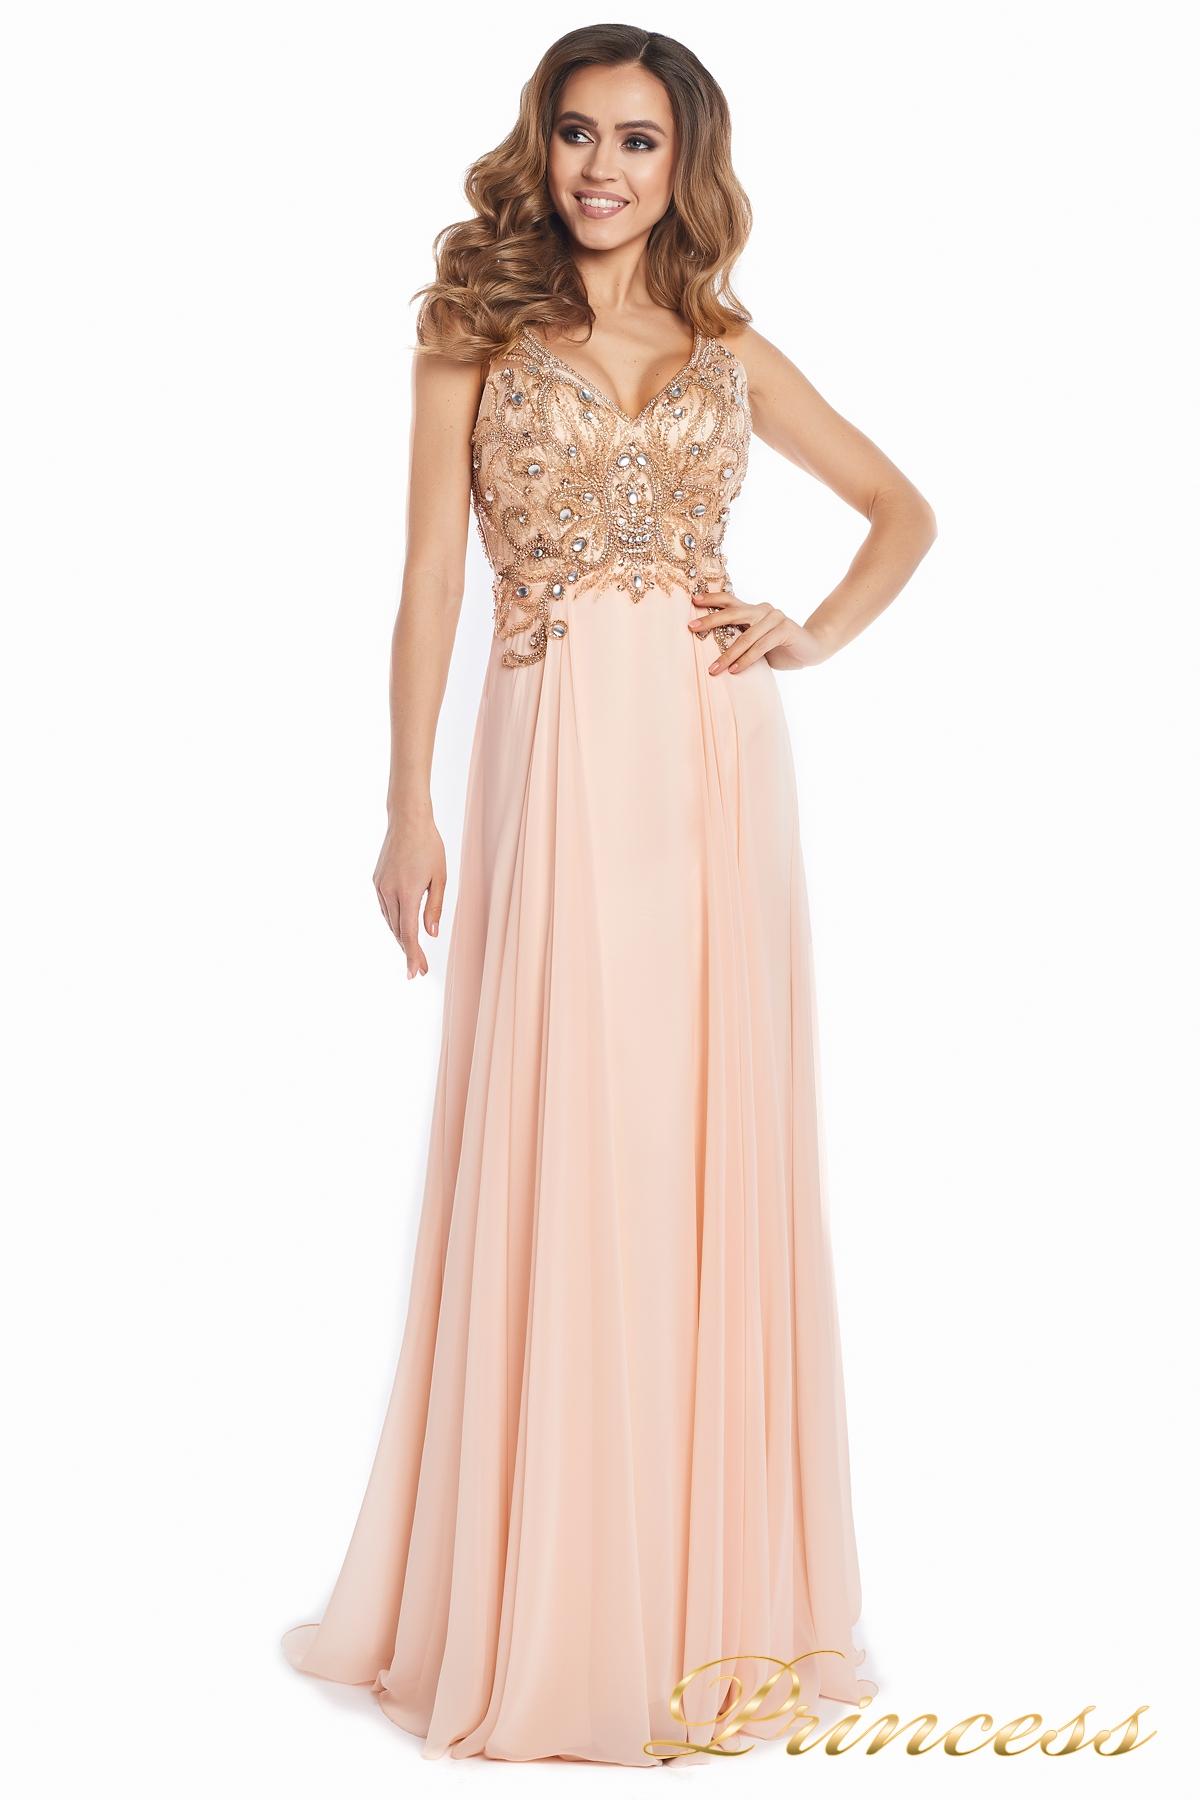 199c6526af9a Купить вечернее платье 12068 розового цвета по цене 32000 руб. в ...